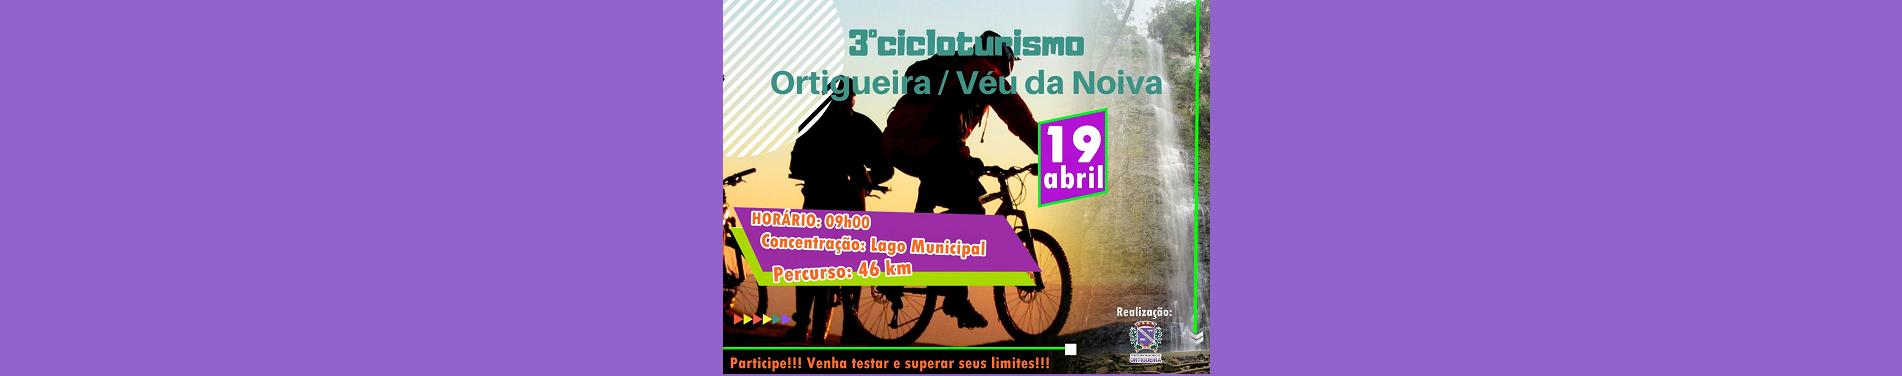 3º Cicloturismo Ortigueira/Véu da Noiva